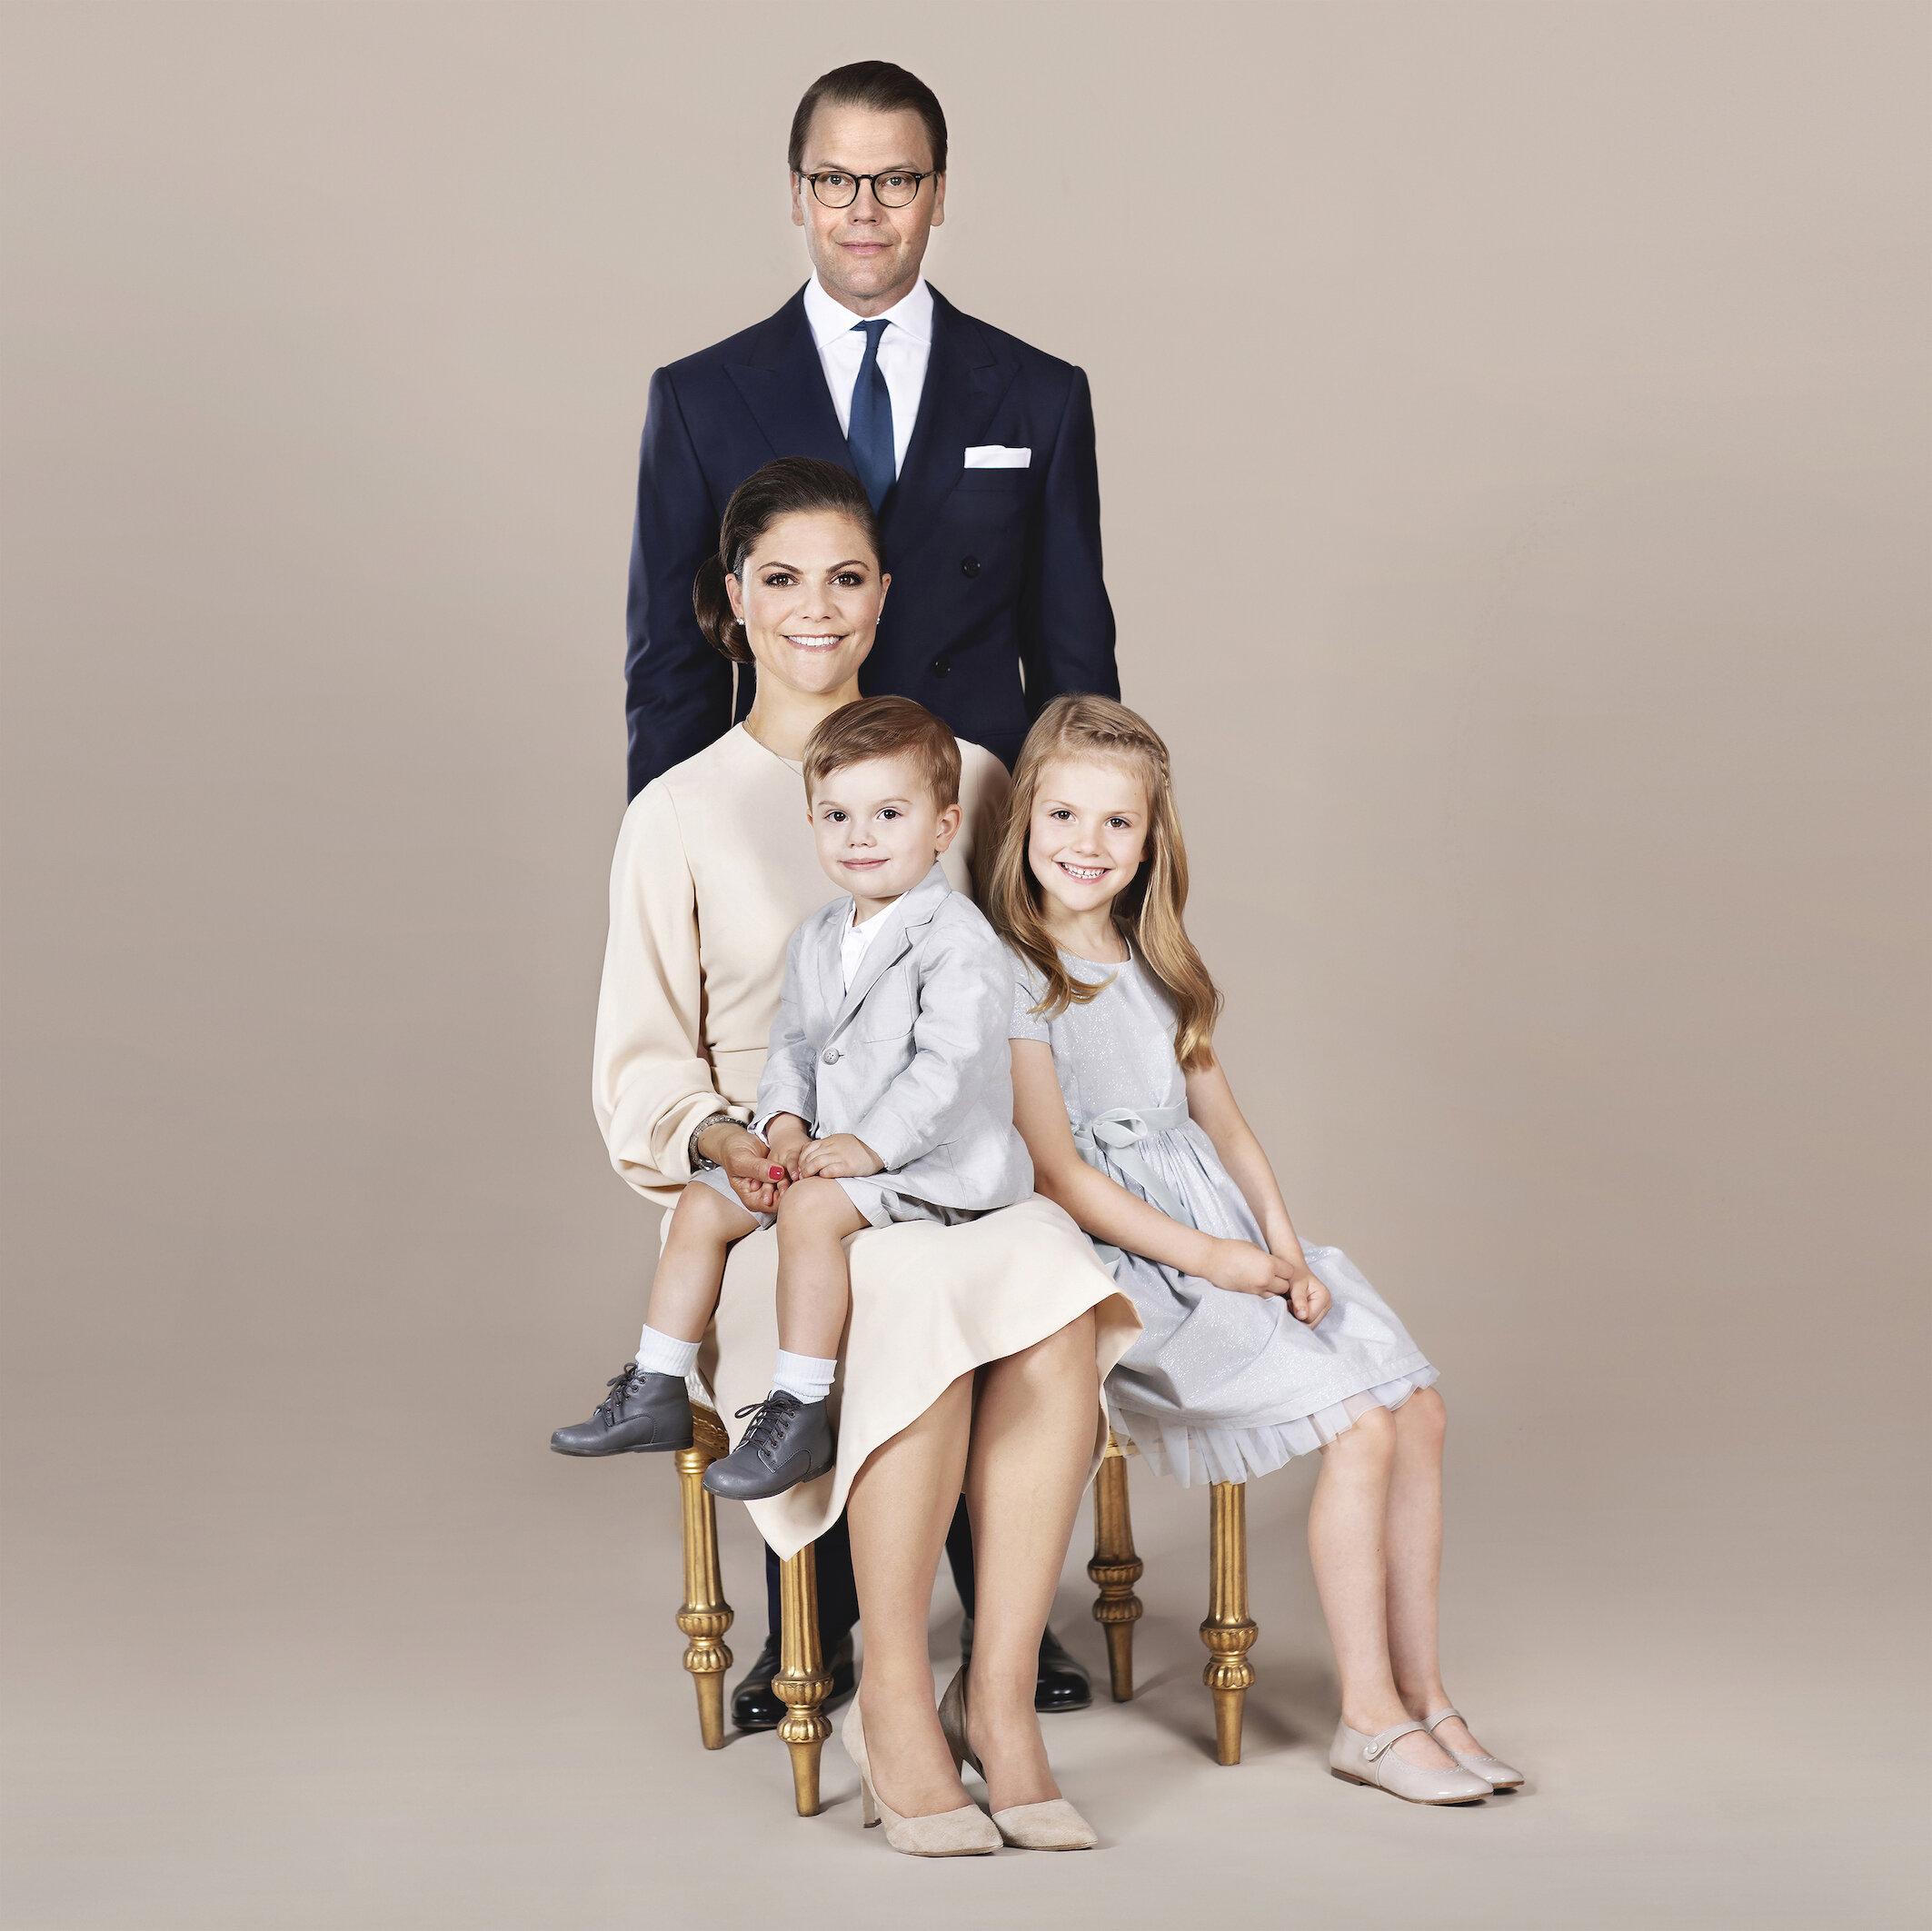 Kronprinzessin Victoria und Prinz Daniel haben Urlaub genommen, um mehr Zeit mit Prinz Oscar und Prinzessin Estelle zu haben.  © Linda Broström Kungl. Hovstaterna